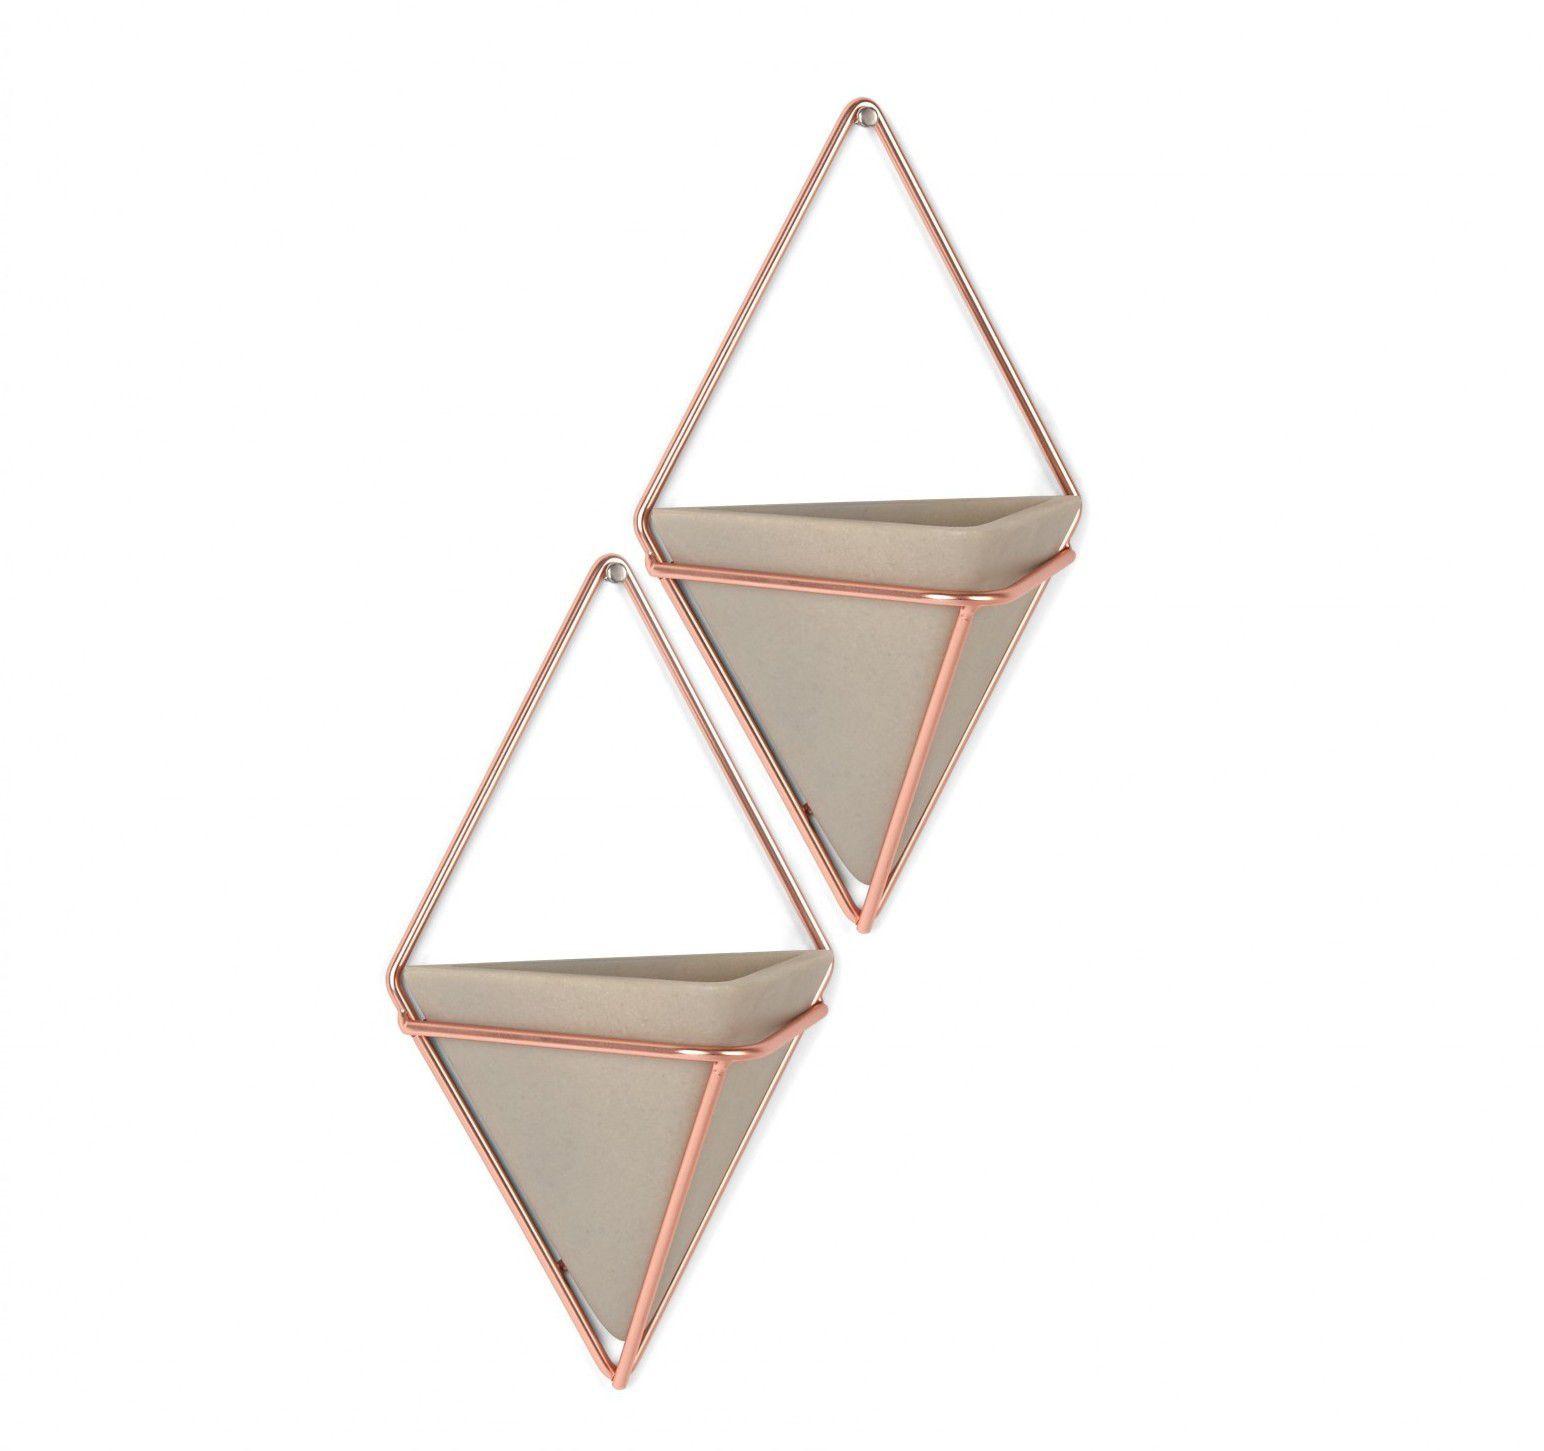 Vaso de Parede Trigg (2 un) Pequeno Concreto / Cobre - Umbra